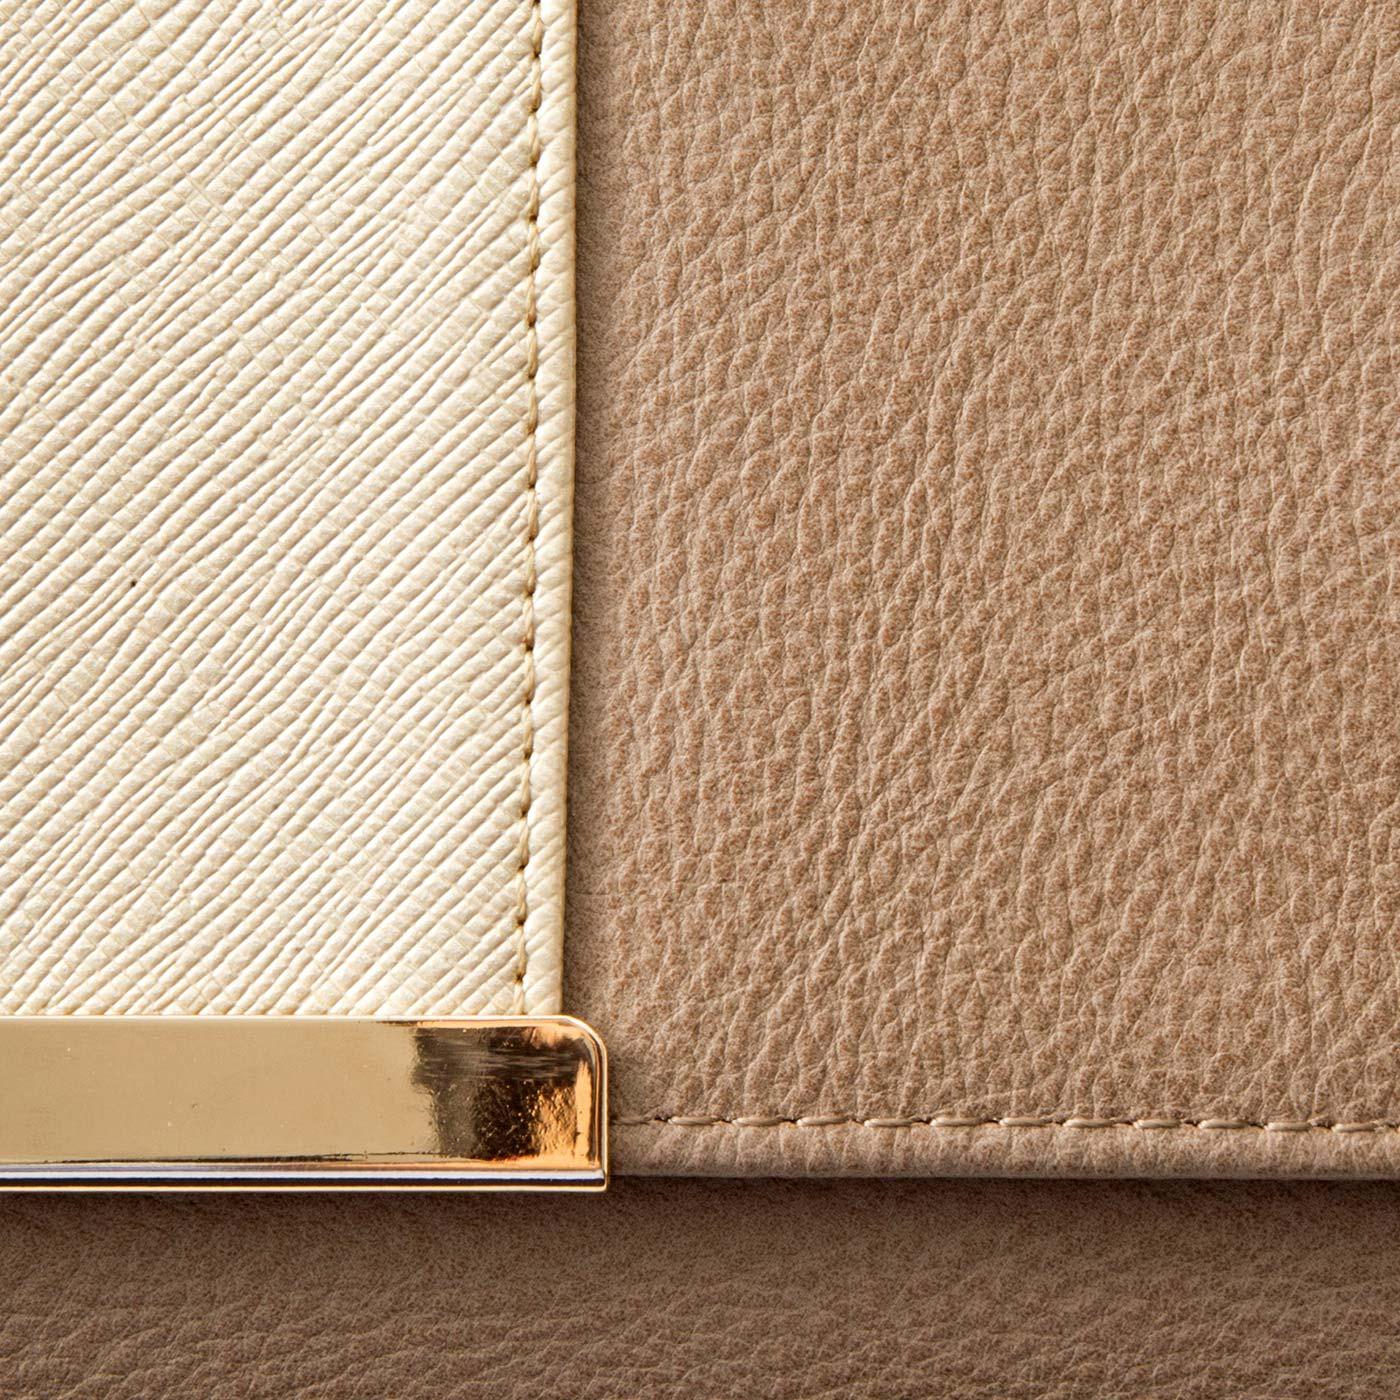 〔高級感のあるカラー&素材感〕上品なベージュ×ゴールドで金運もアップしそう。内側は気分も上がる、華やかな大人ピンク。